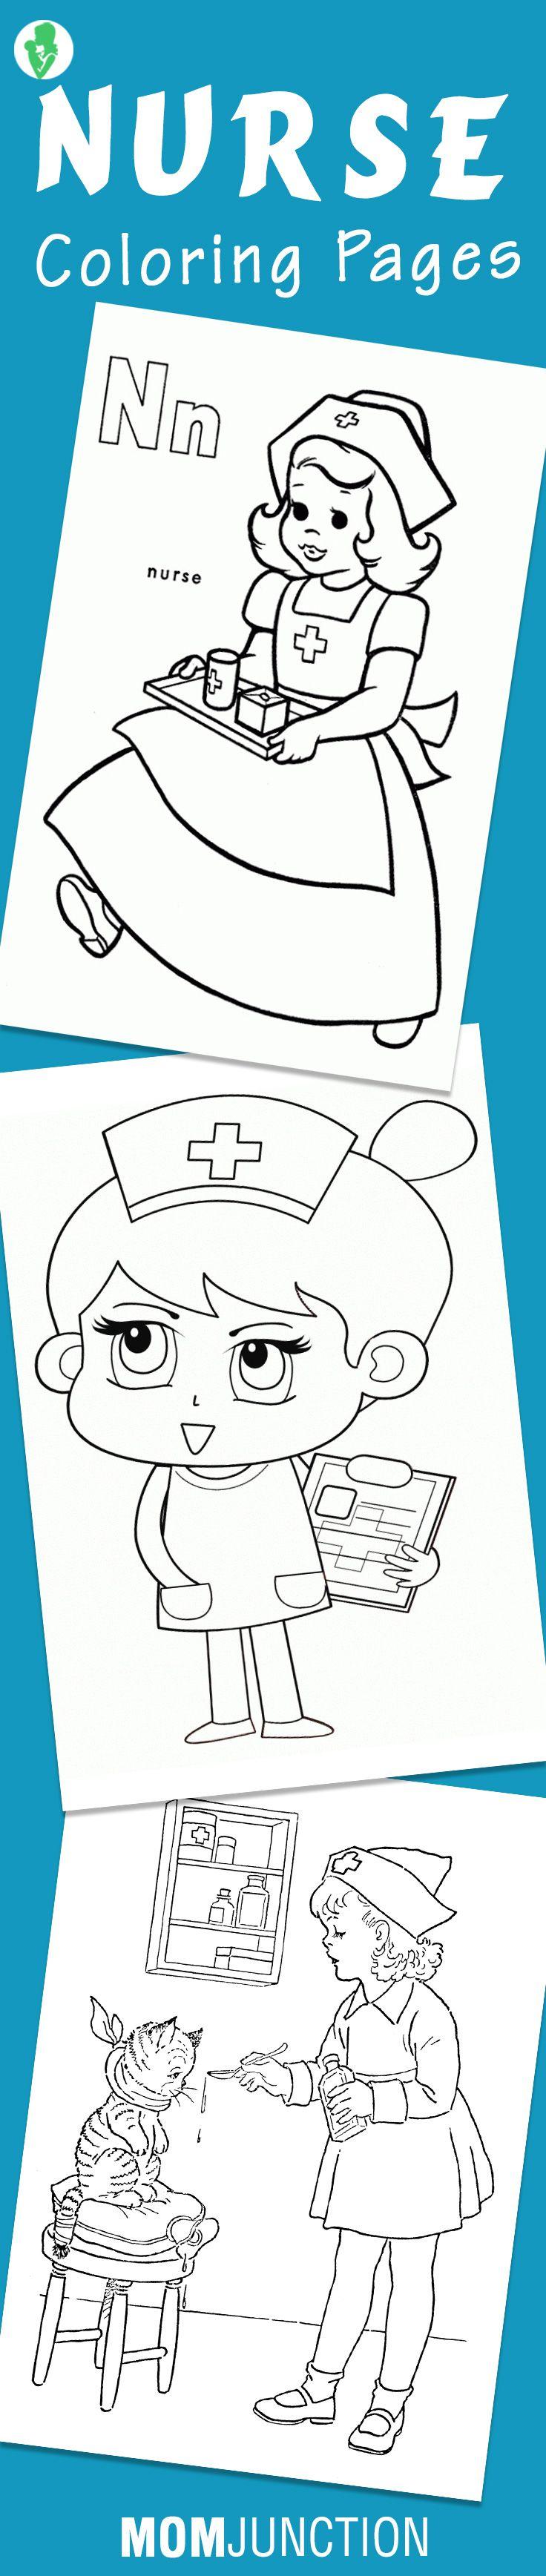 Top 25 Free Printable Nurse Coloring Pages Online Nurses Week